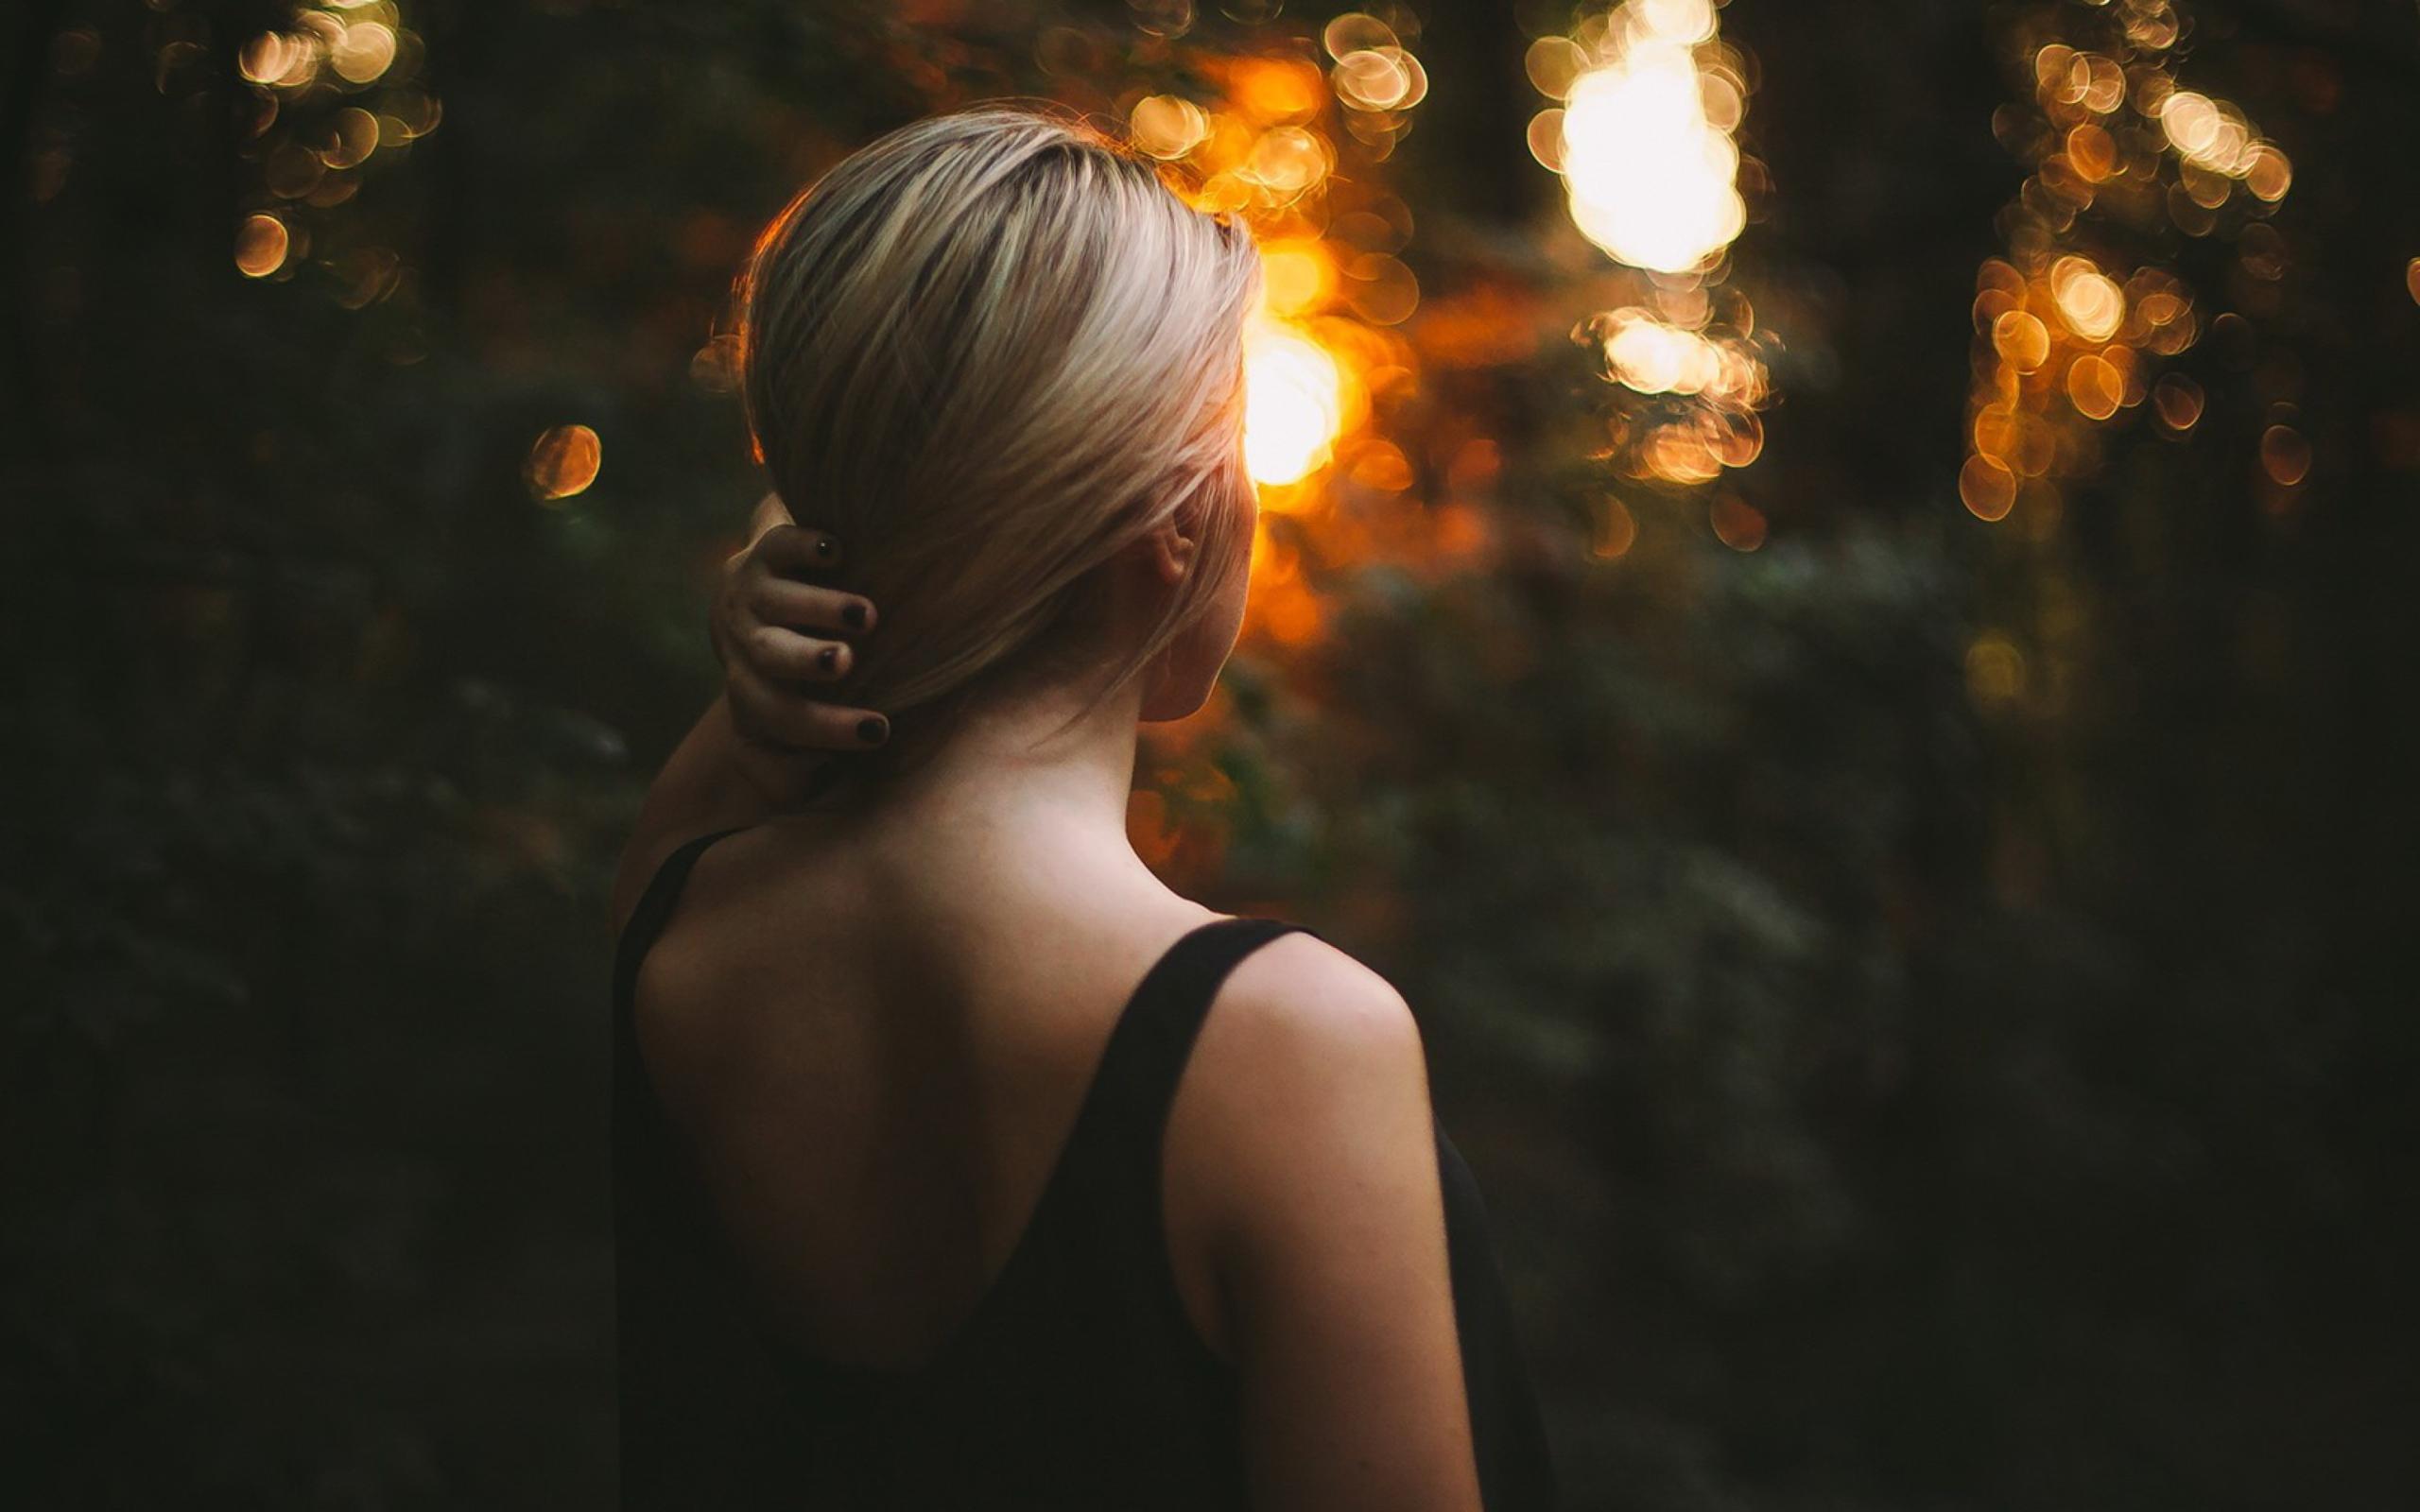 фотографии женщины со спины большого формата - 11